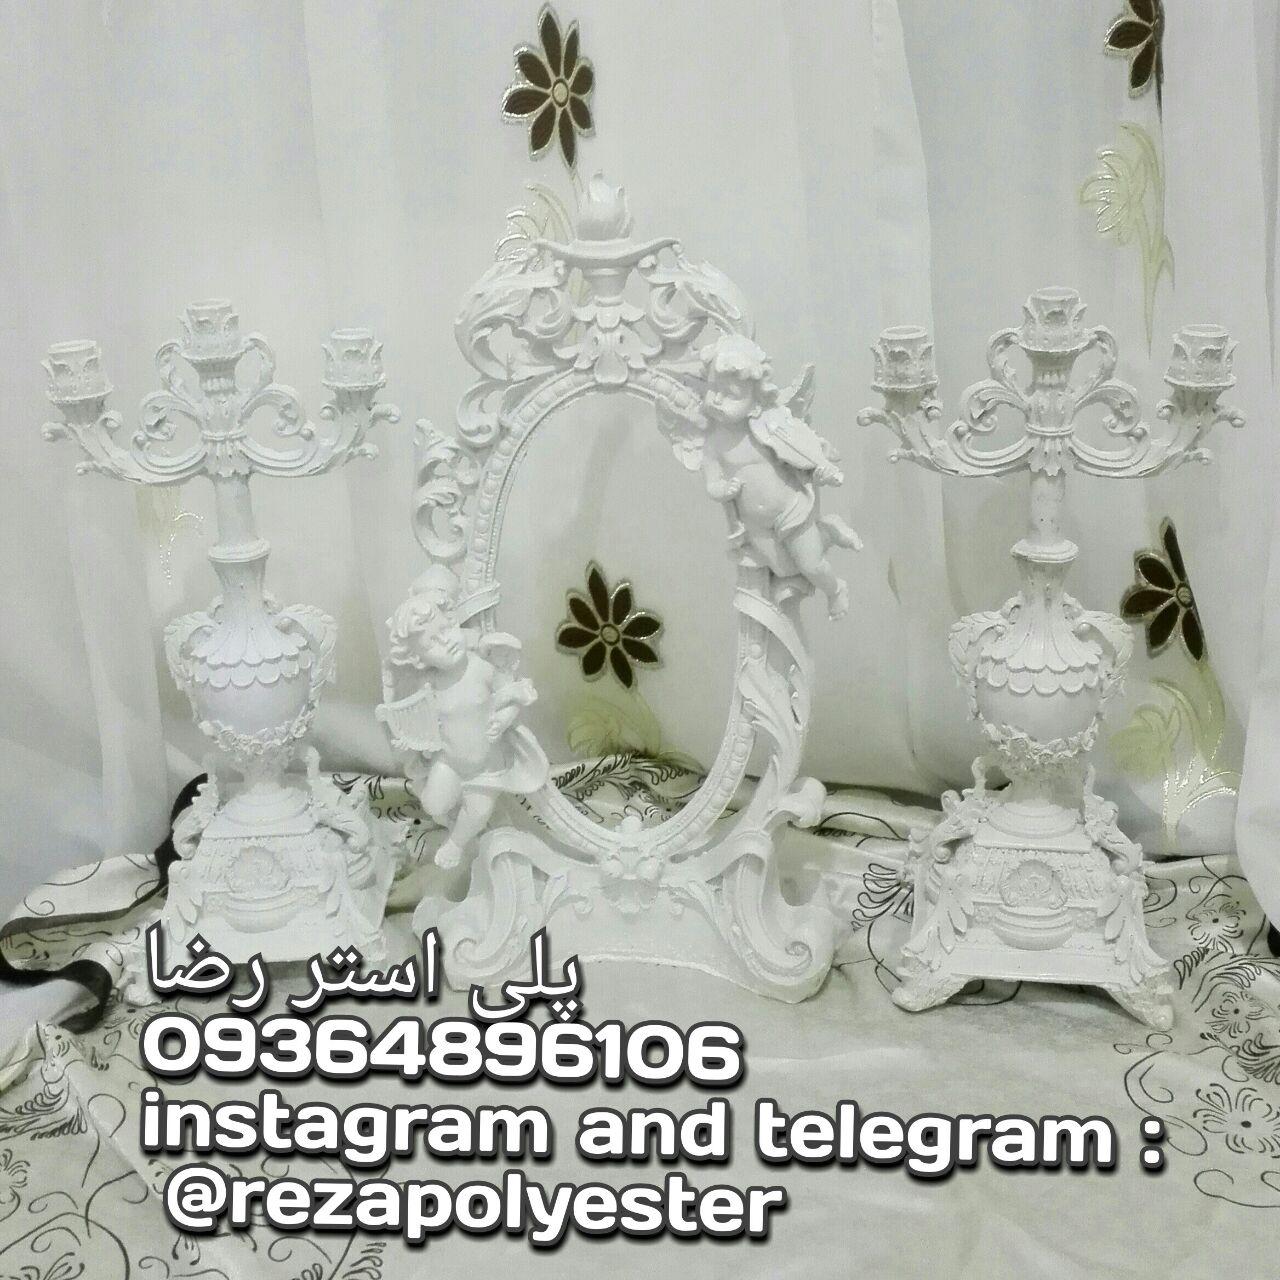 آینه و شمعدان سلطنتی